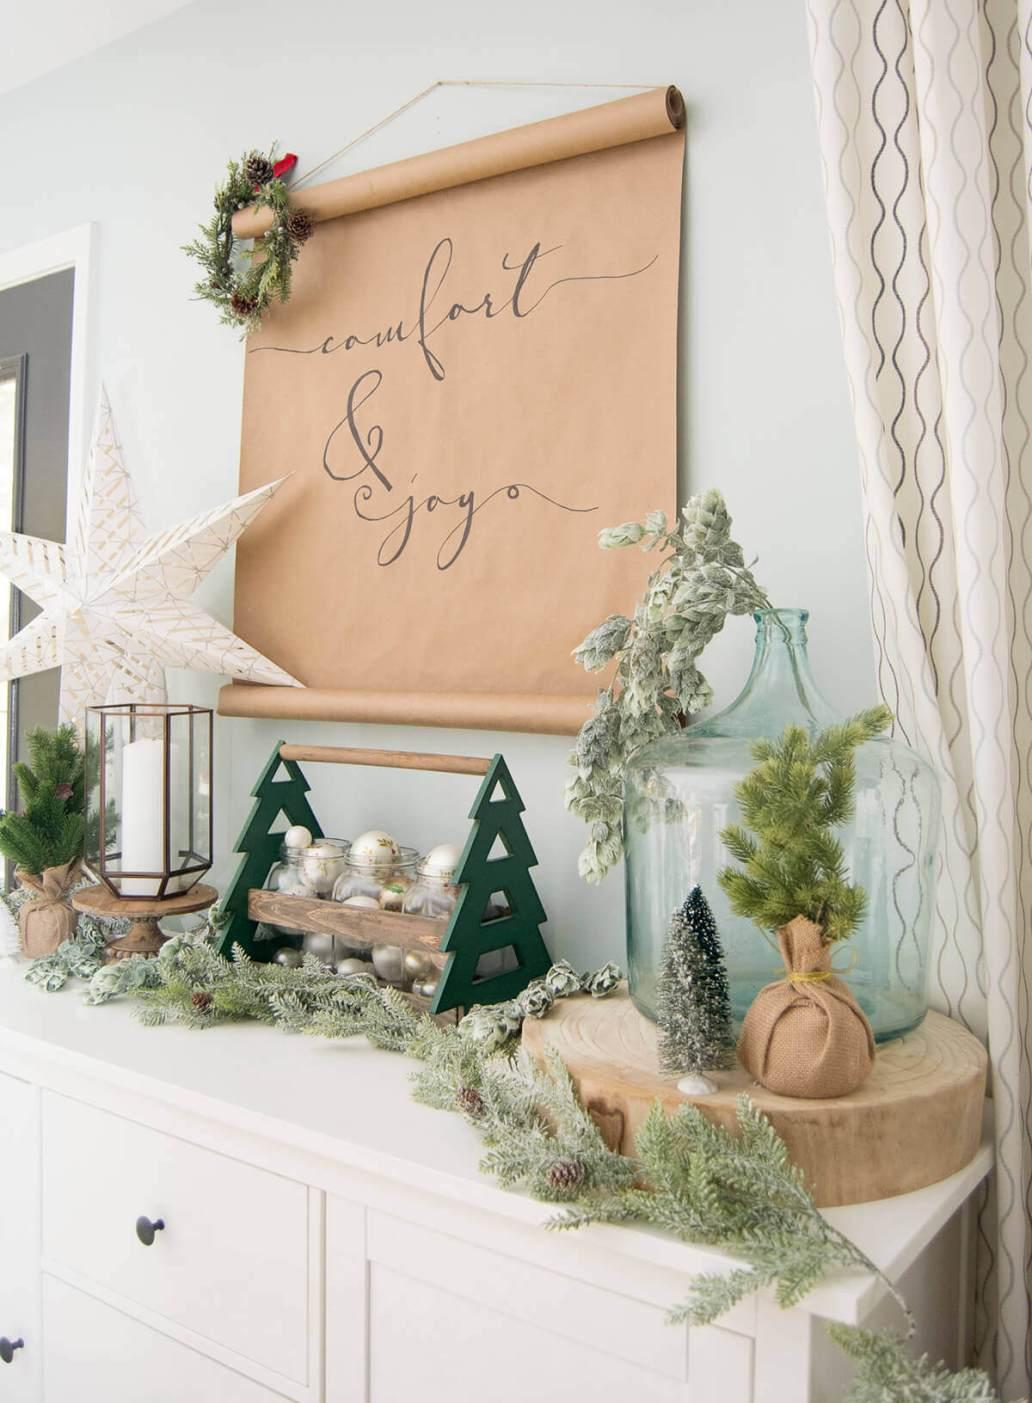 matiere deco pour Noel 2019  - Comment composer sa déco de Noël avec les tendances 2019  ?